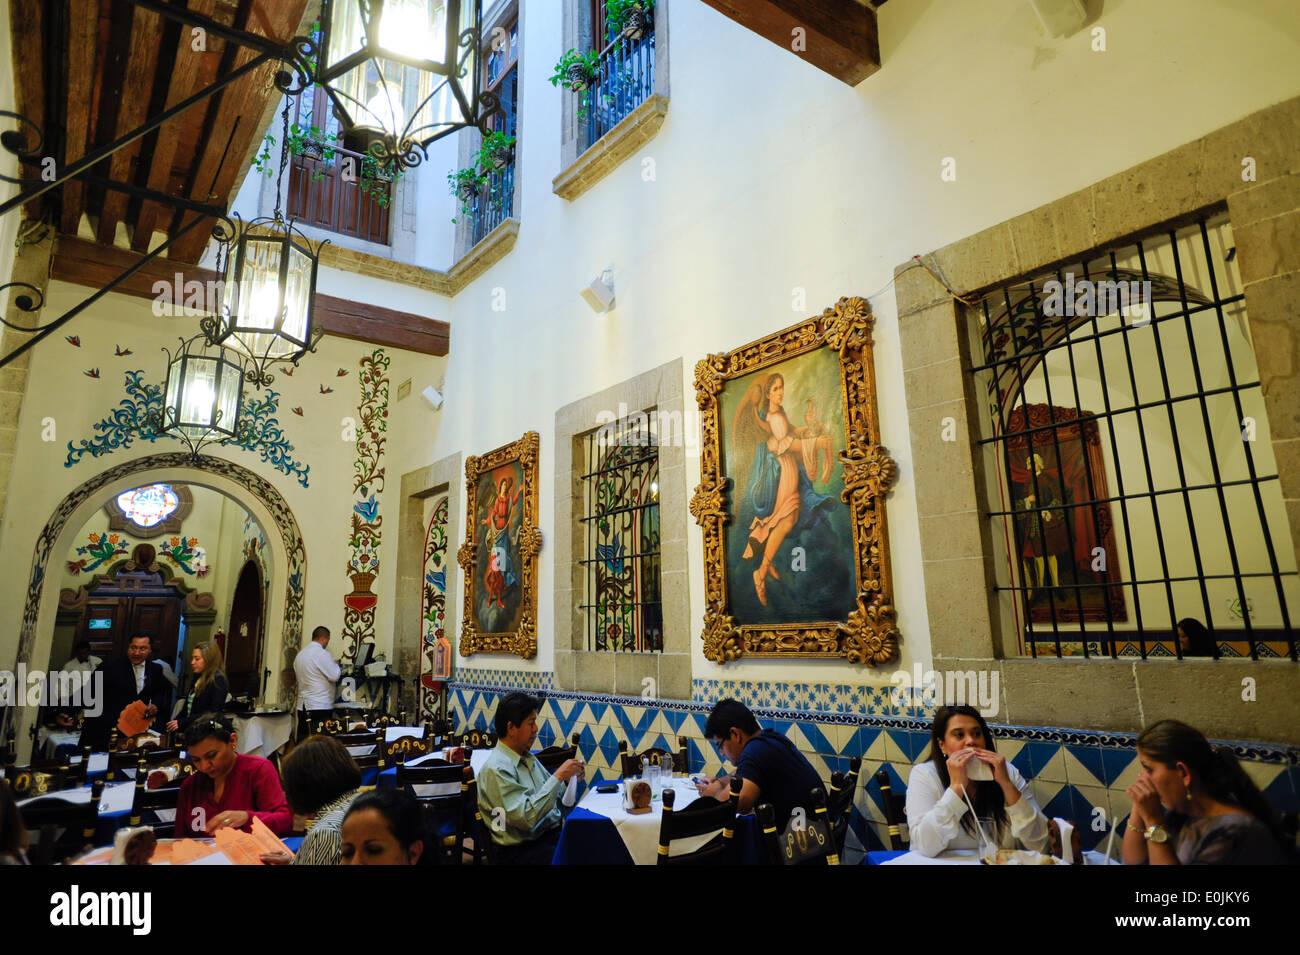 Cafe Tacuba Mexico City